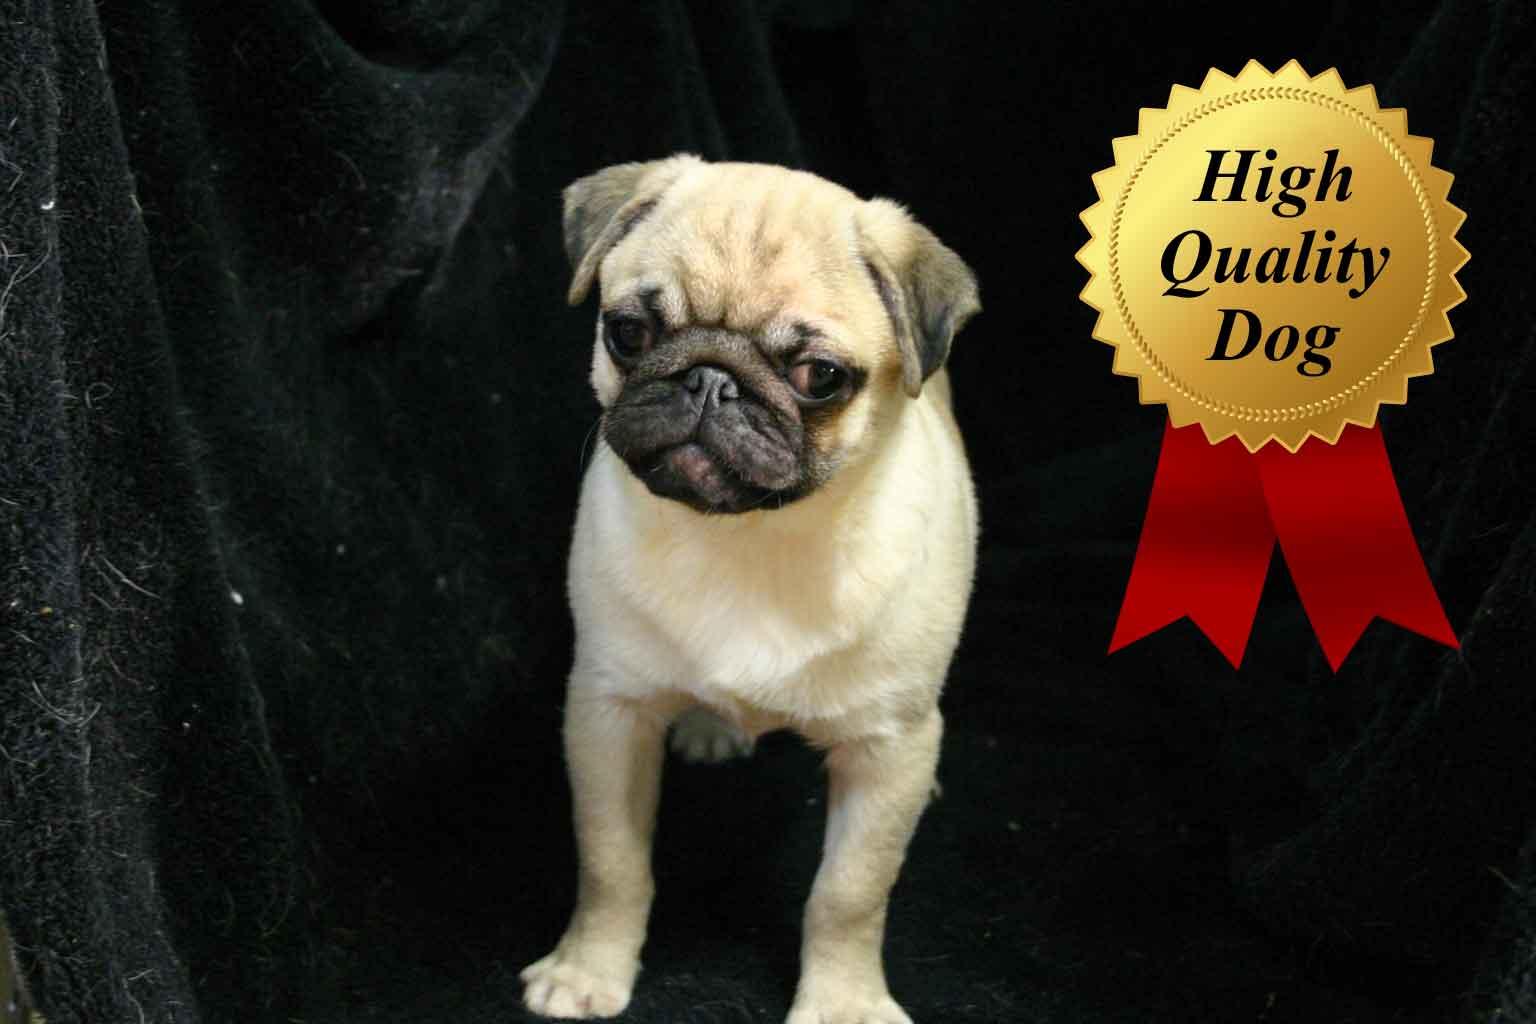 パグ子犬販売、男の子(オス)、フォーン、2013年08月13日産まれ、千葉県ブリーダー、High Quality Dog、ID4971